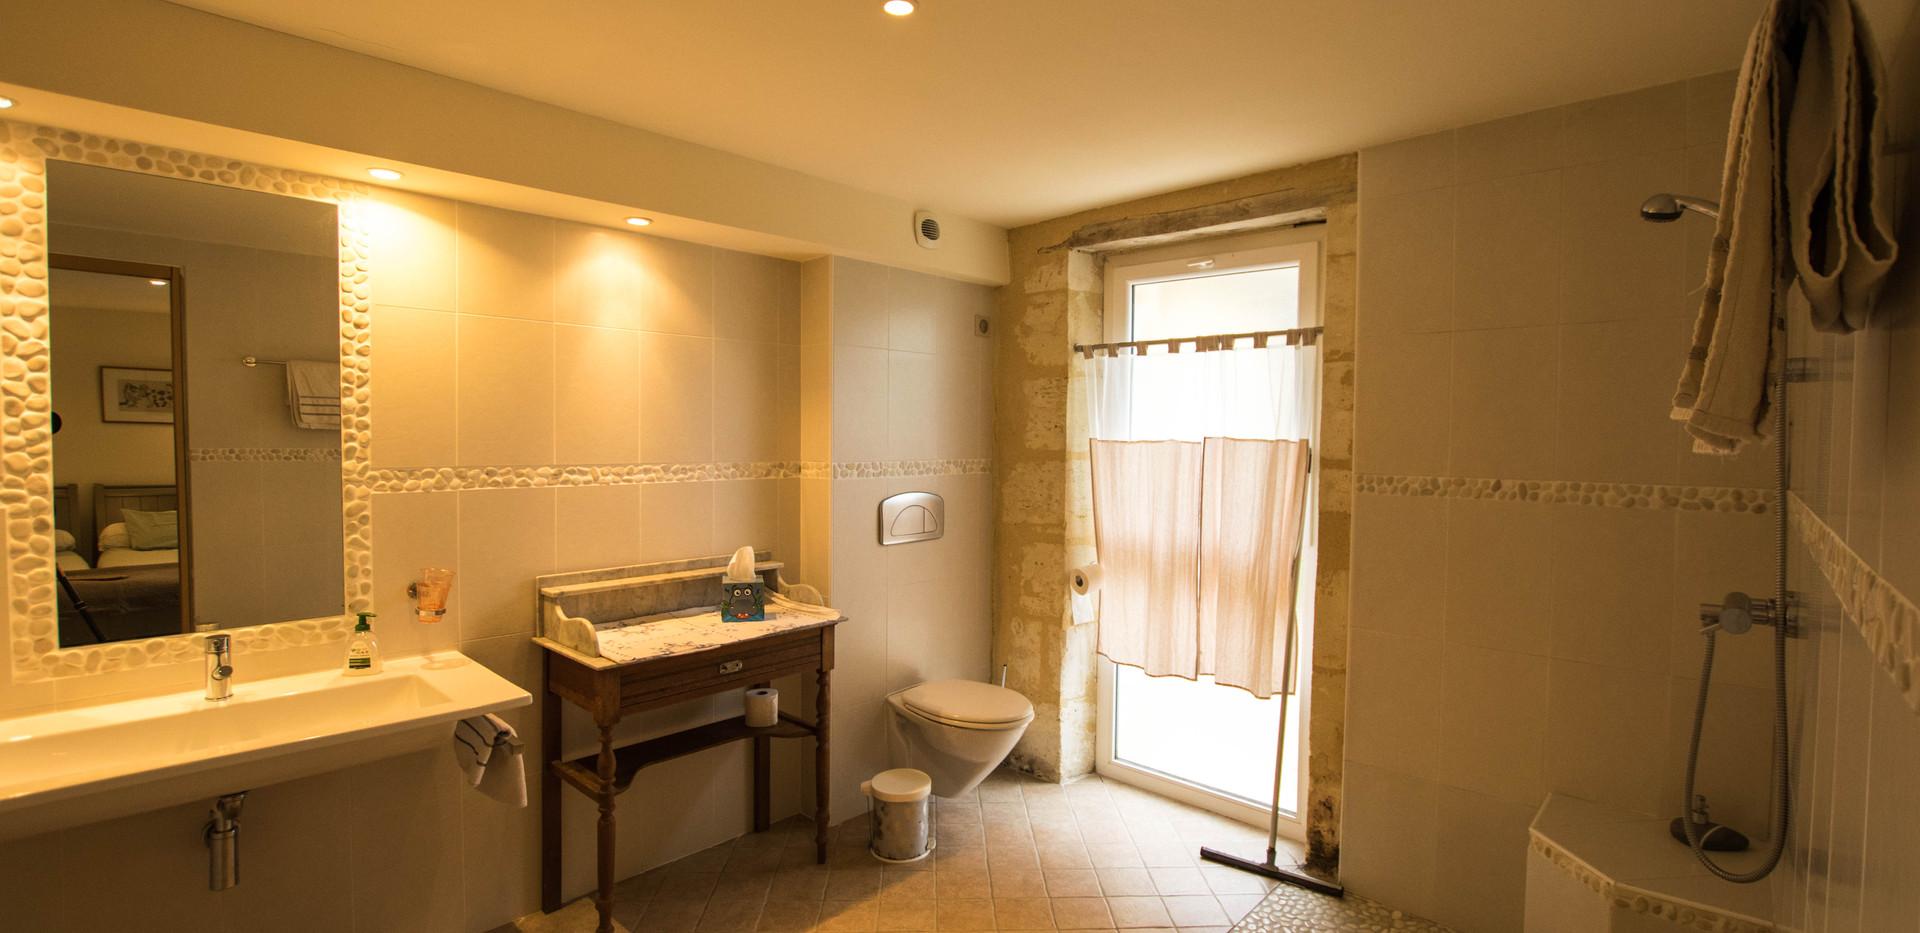 Chambre Patio - salle de bain spacieuse